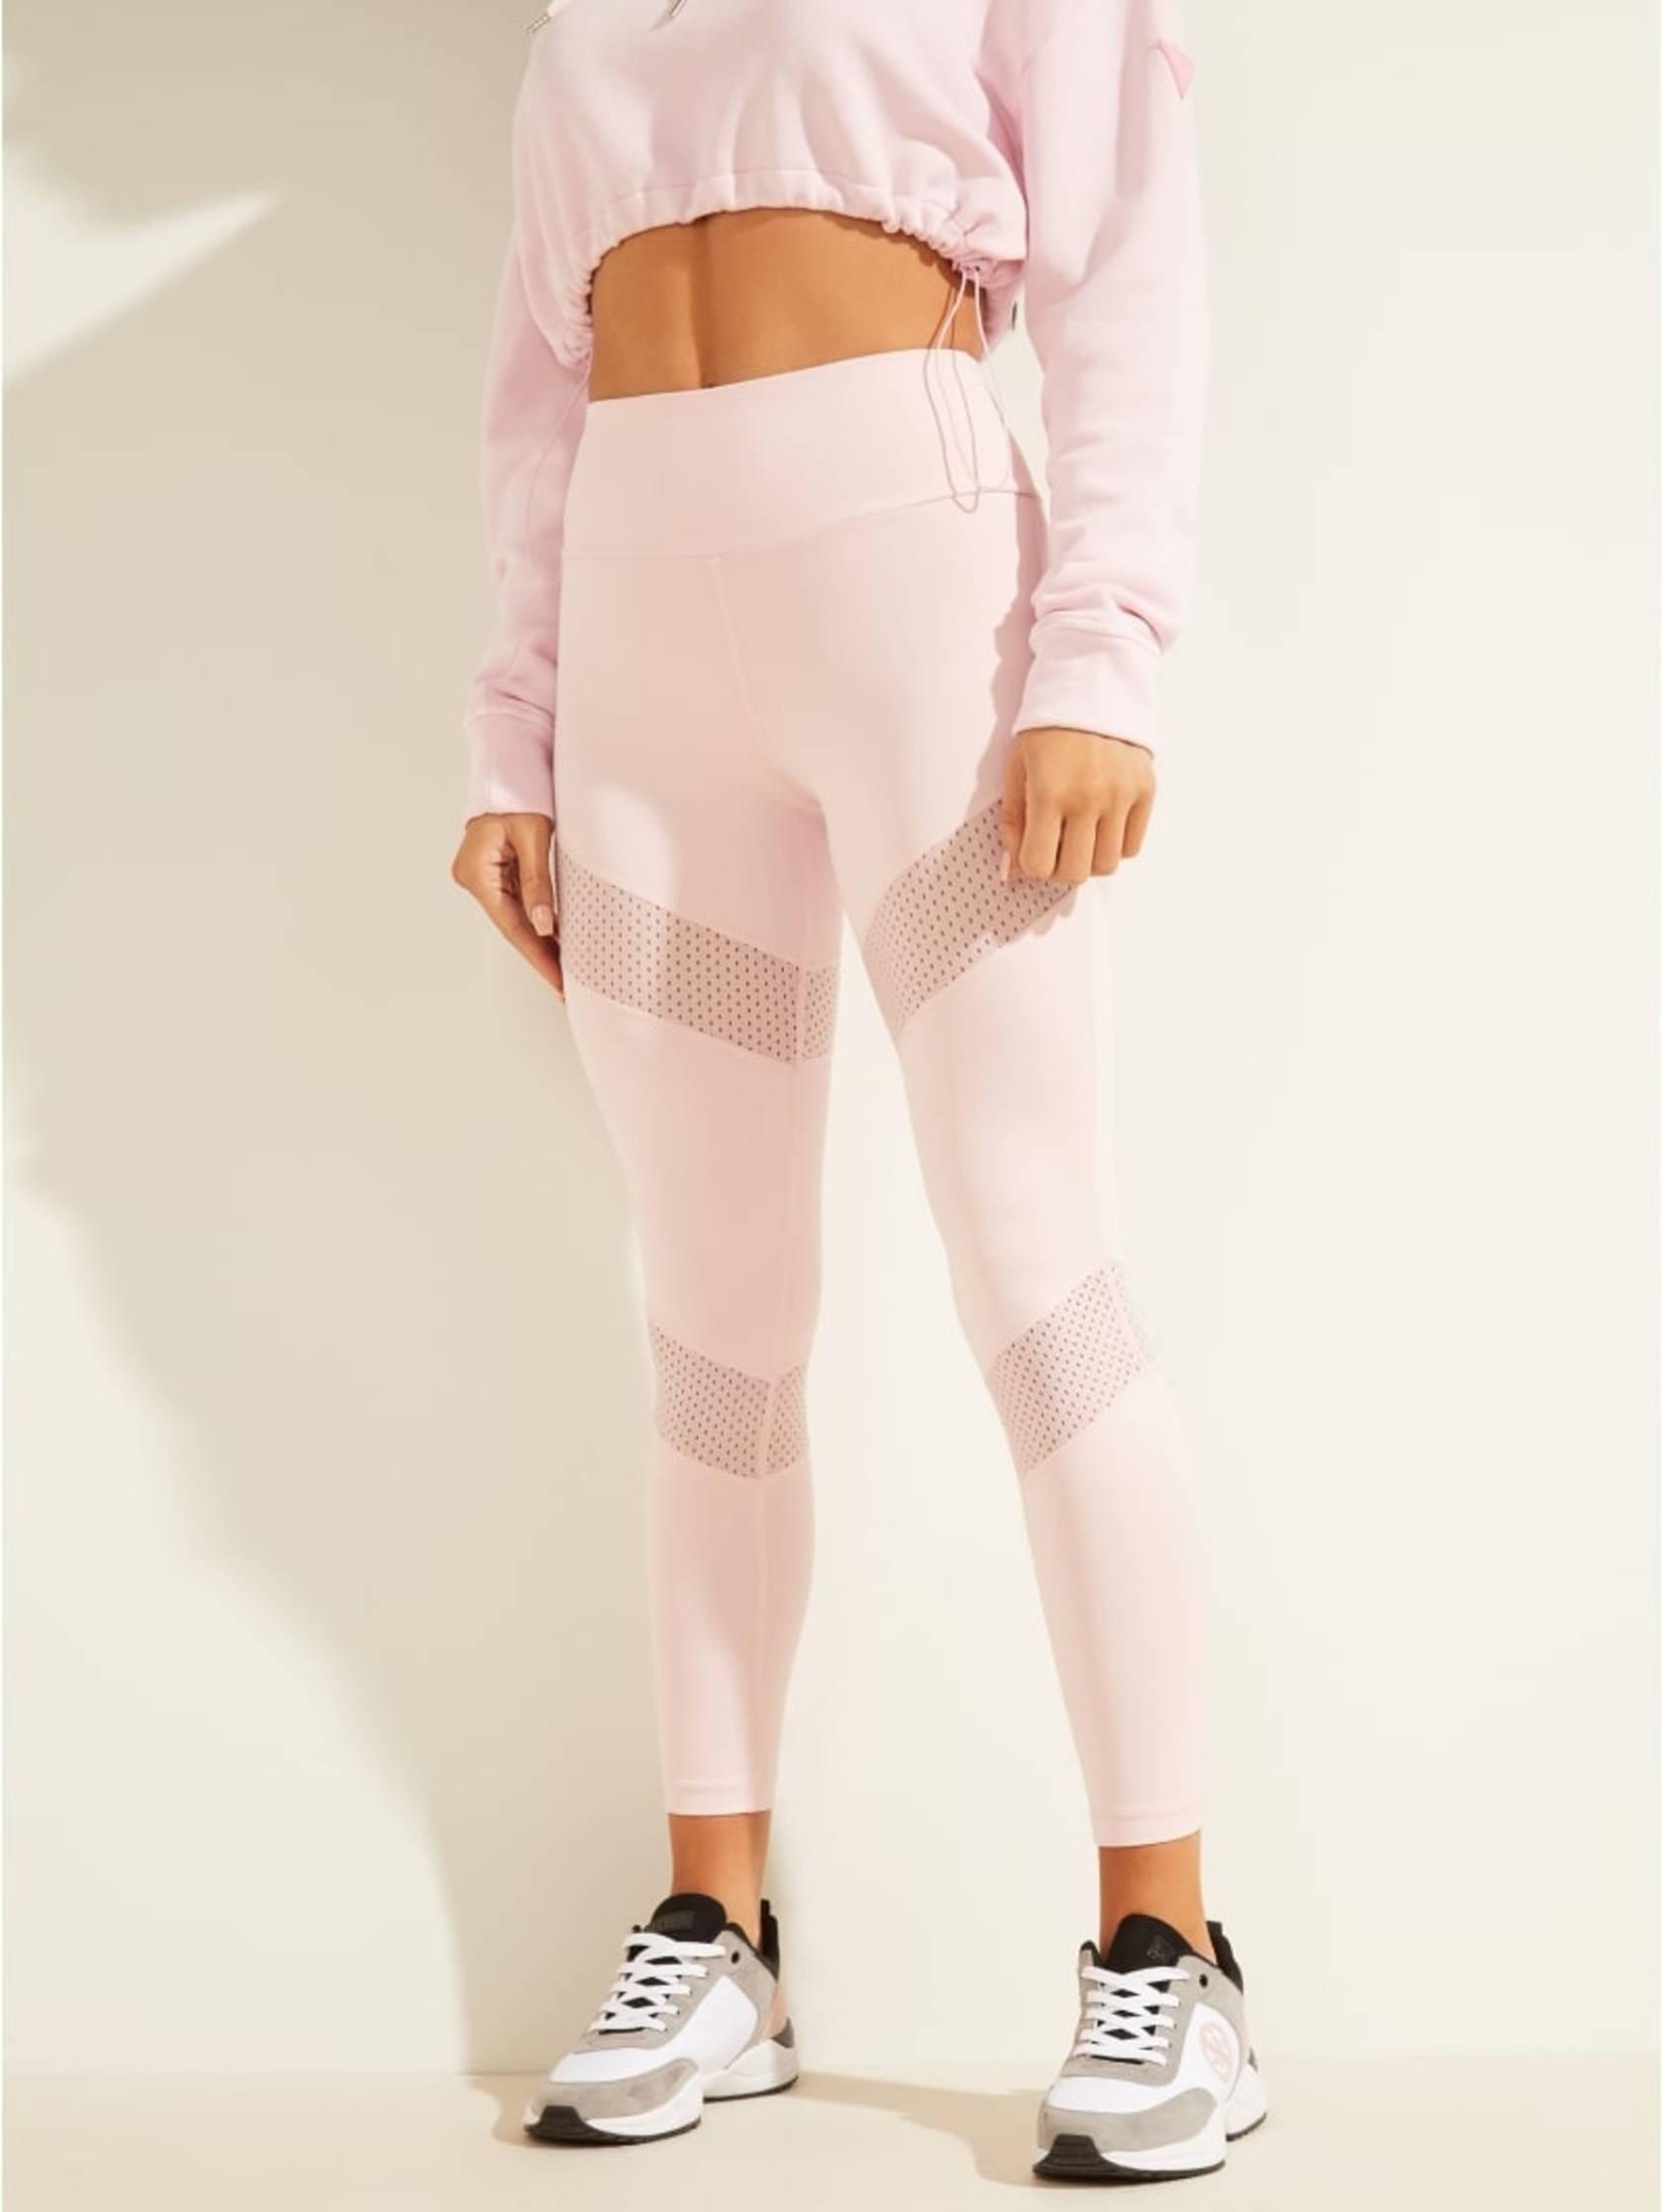 New season, new women sportswear styles